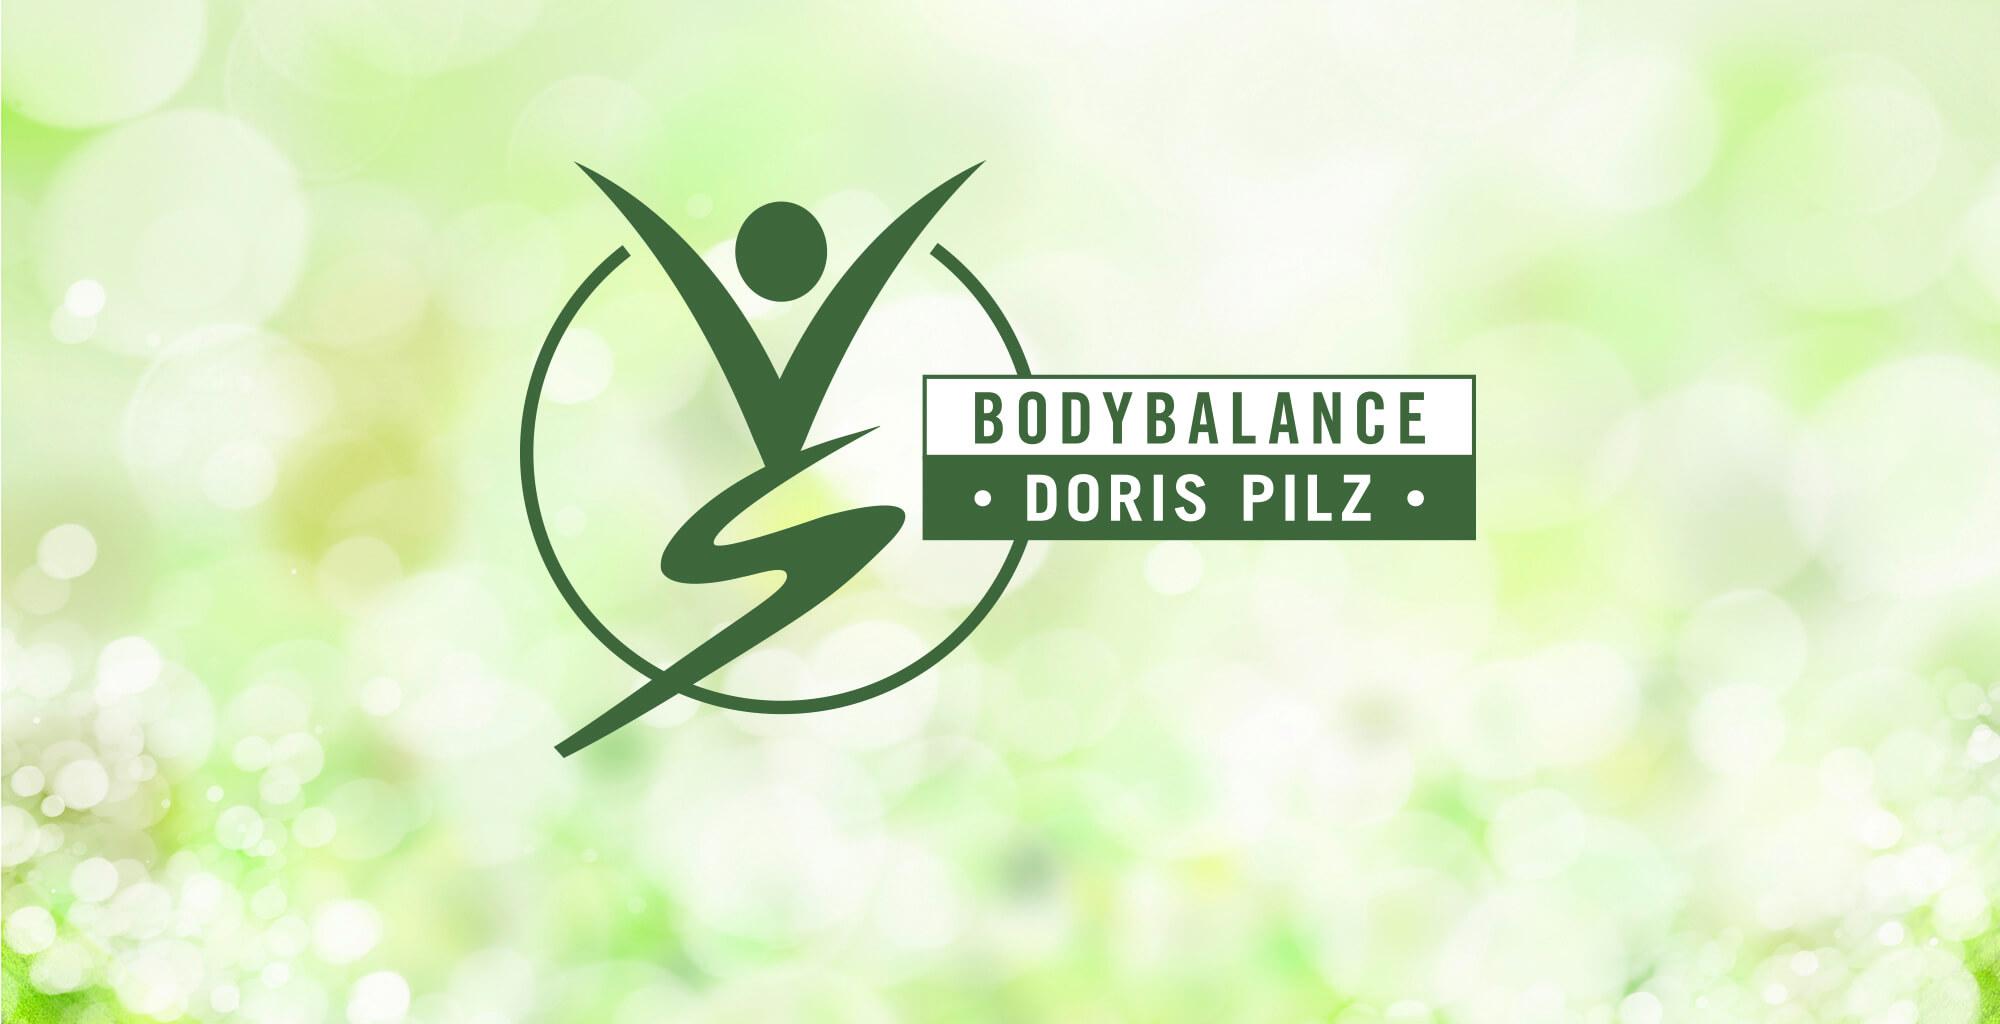 bodybalance, doris pilz, traunkirchen, wege zum wohlfühlen, energetische hilfestellungen, ASW-methode